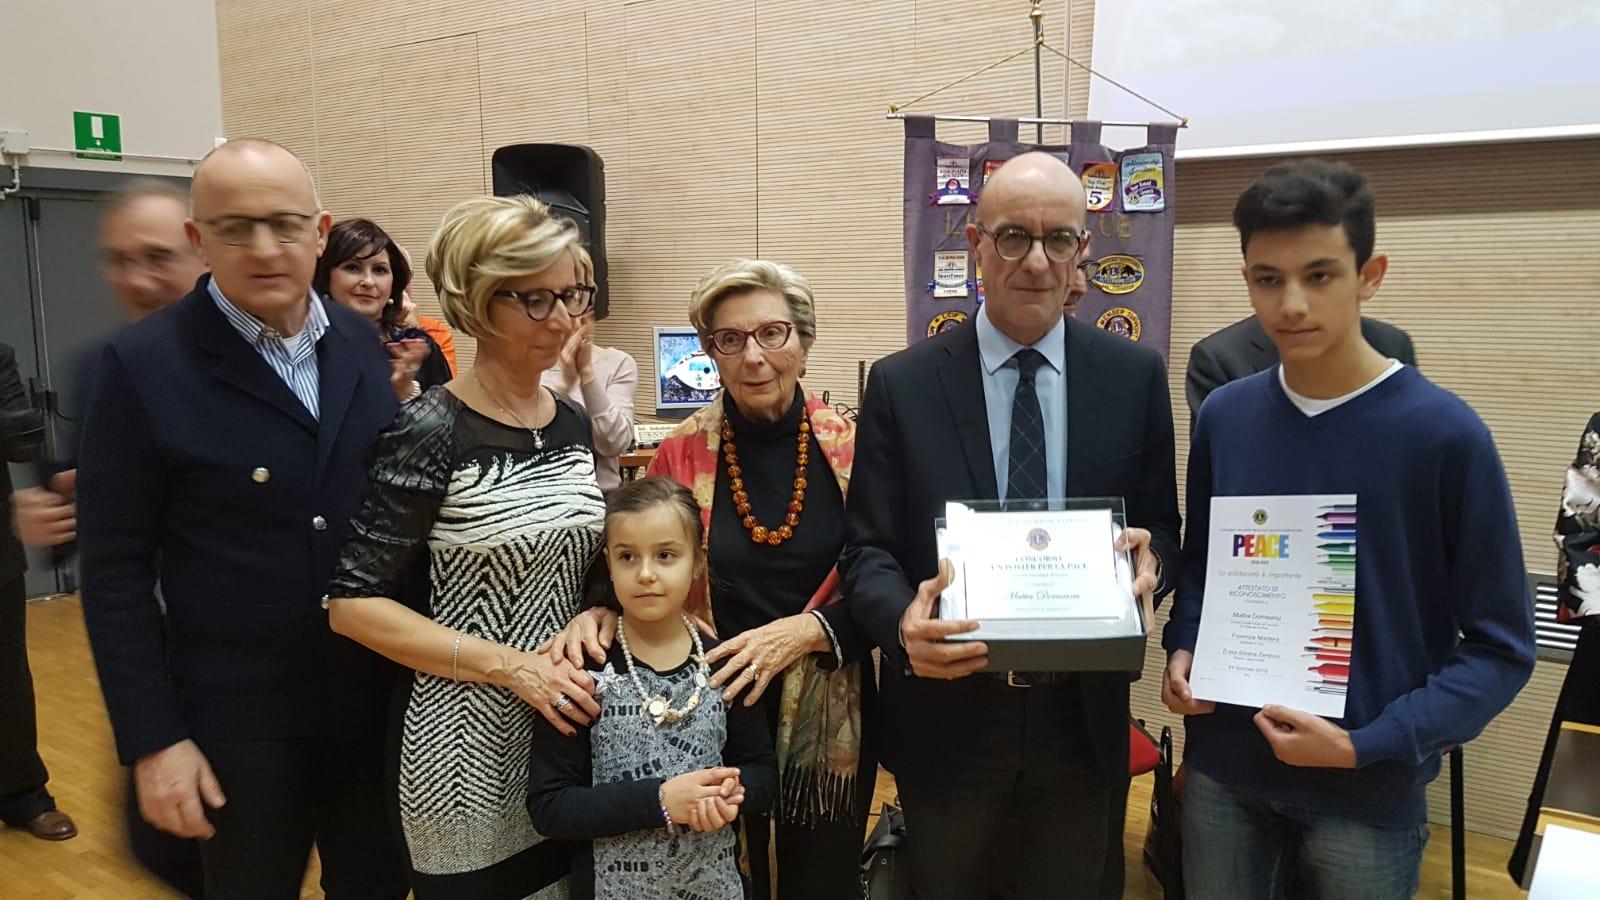 Il vincitore del 2° preio Distrettuale Ex equo Mattia Dorneanu riceve la targa del Memorial Gianangelo Benvenuti da parte della famiglia del nostro amatissimo socio.